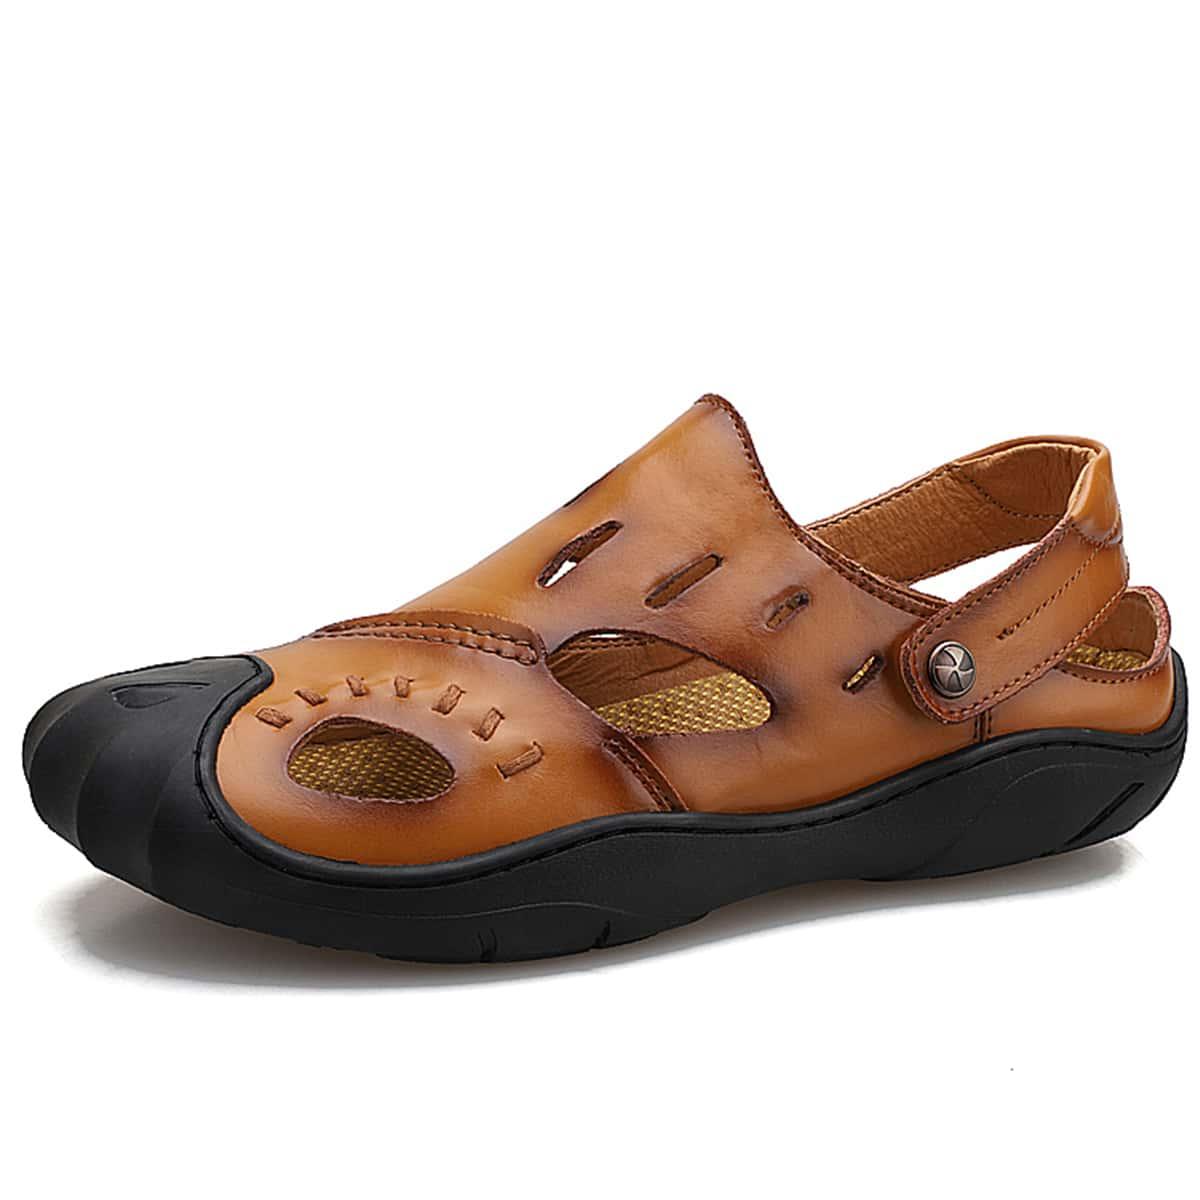 shein Mannen uitgesneden Slingback sandalen